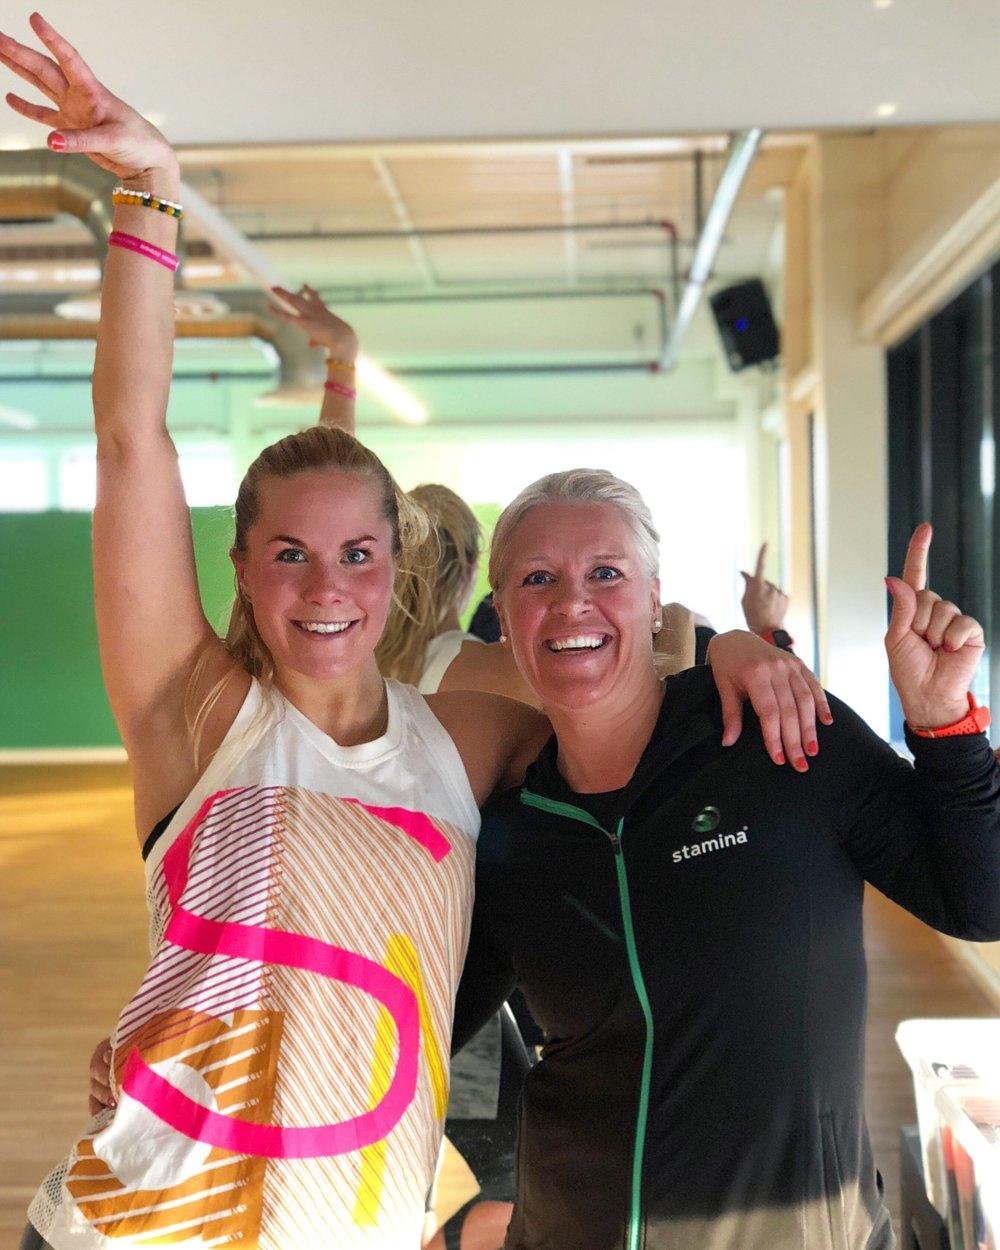 Tusen takk til sportslig leder, Therese Ellingsen, for at jeg fikk komme på besøk!